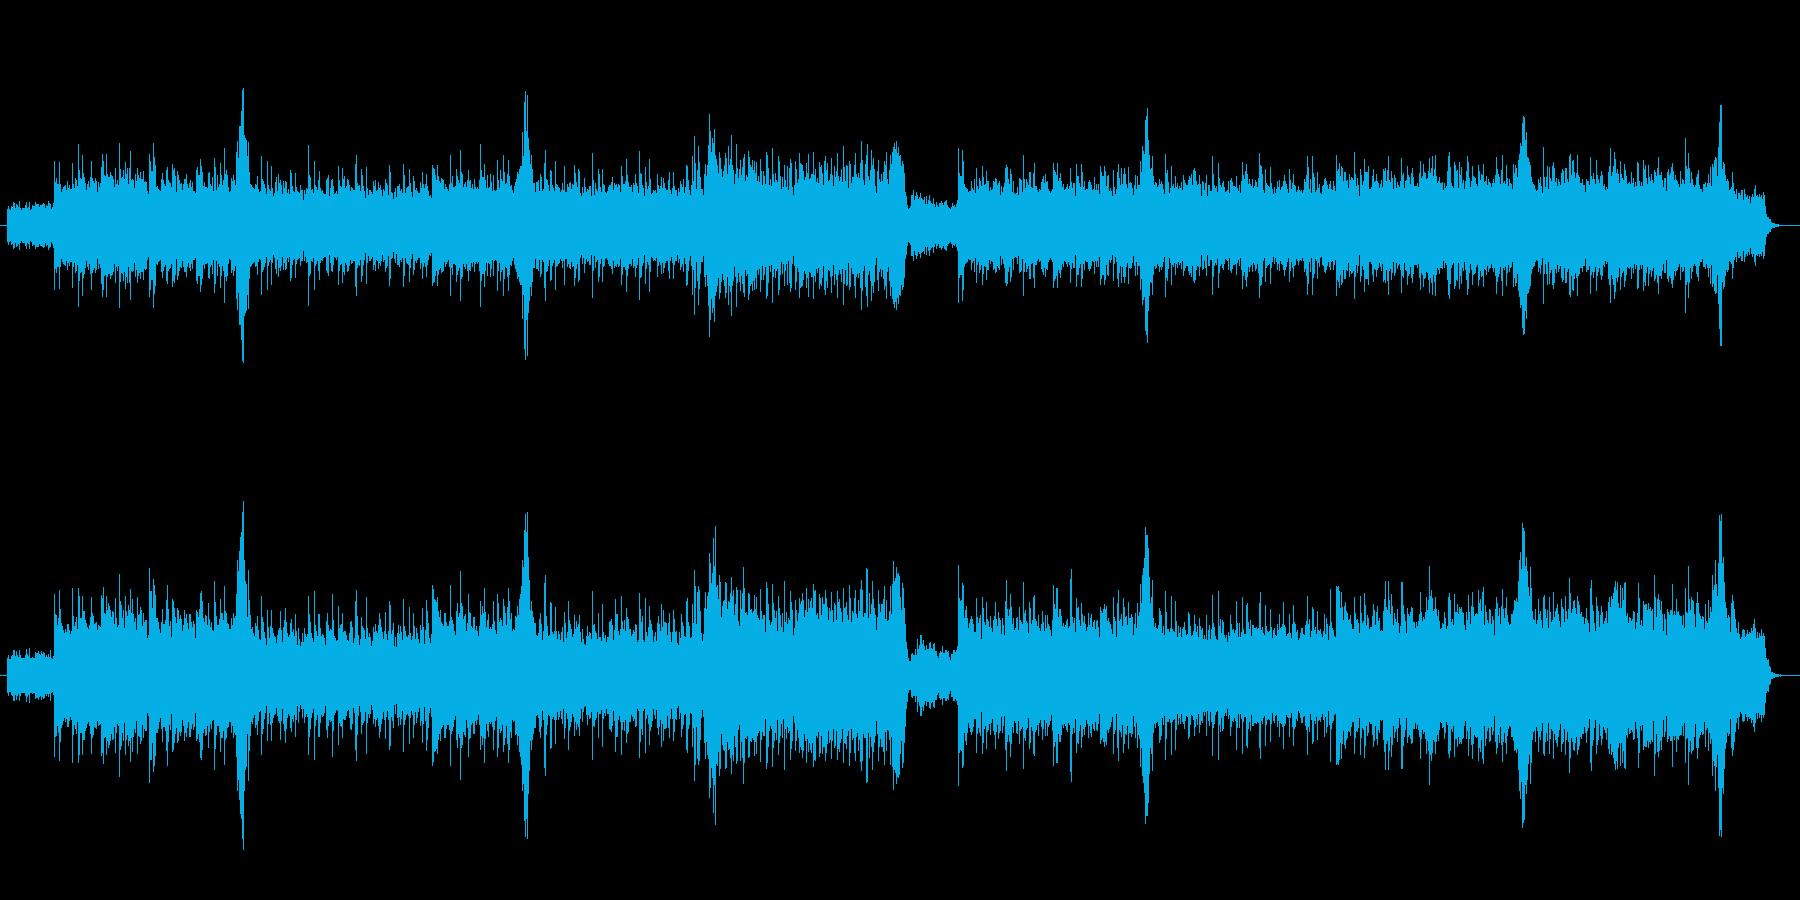 ネイチャリング・スペシャルの再生済みの波形